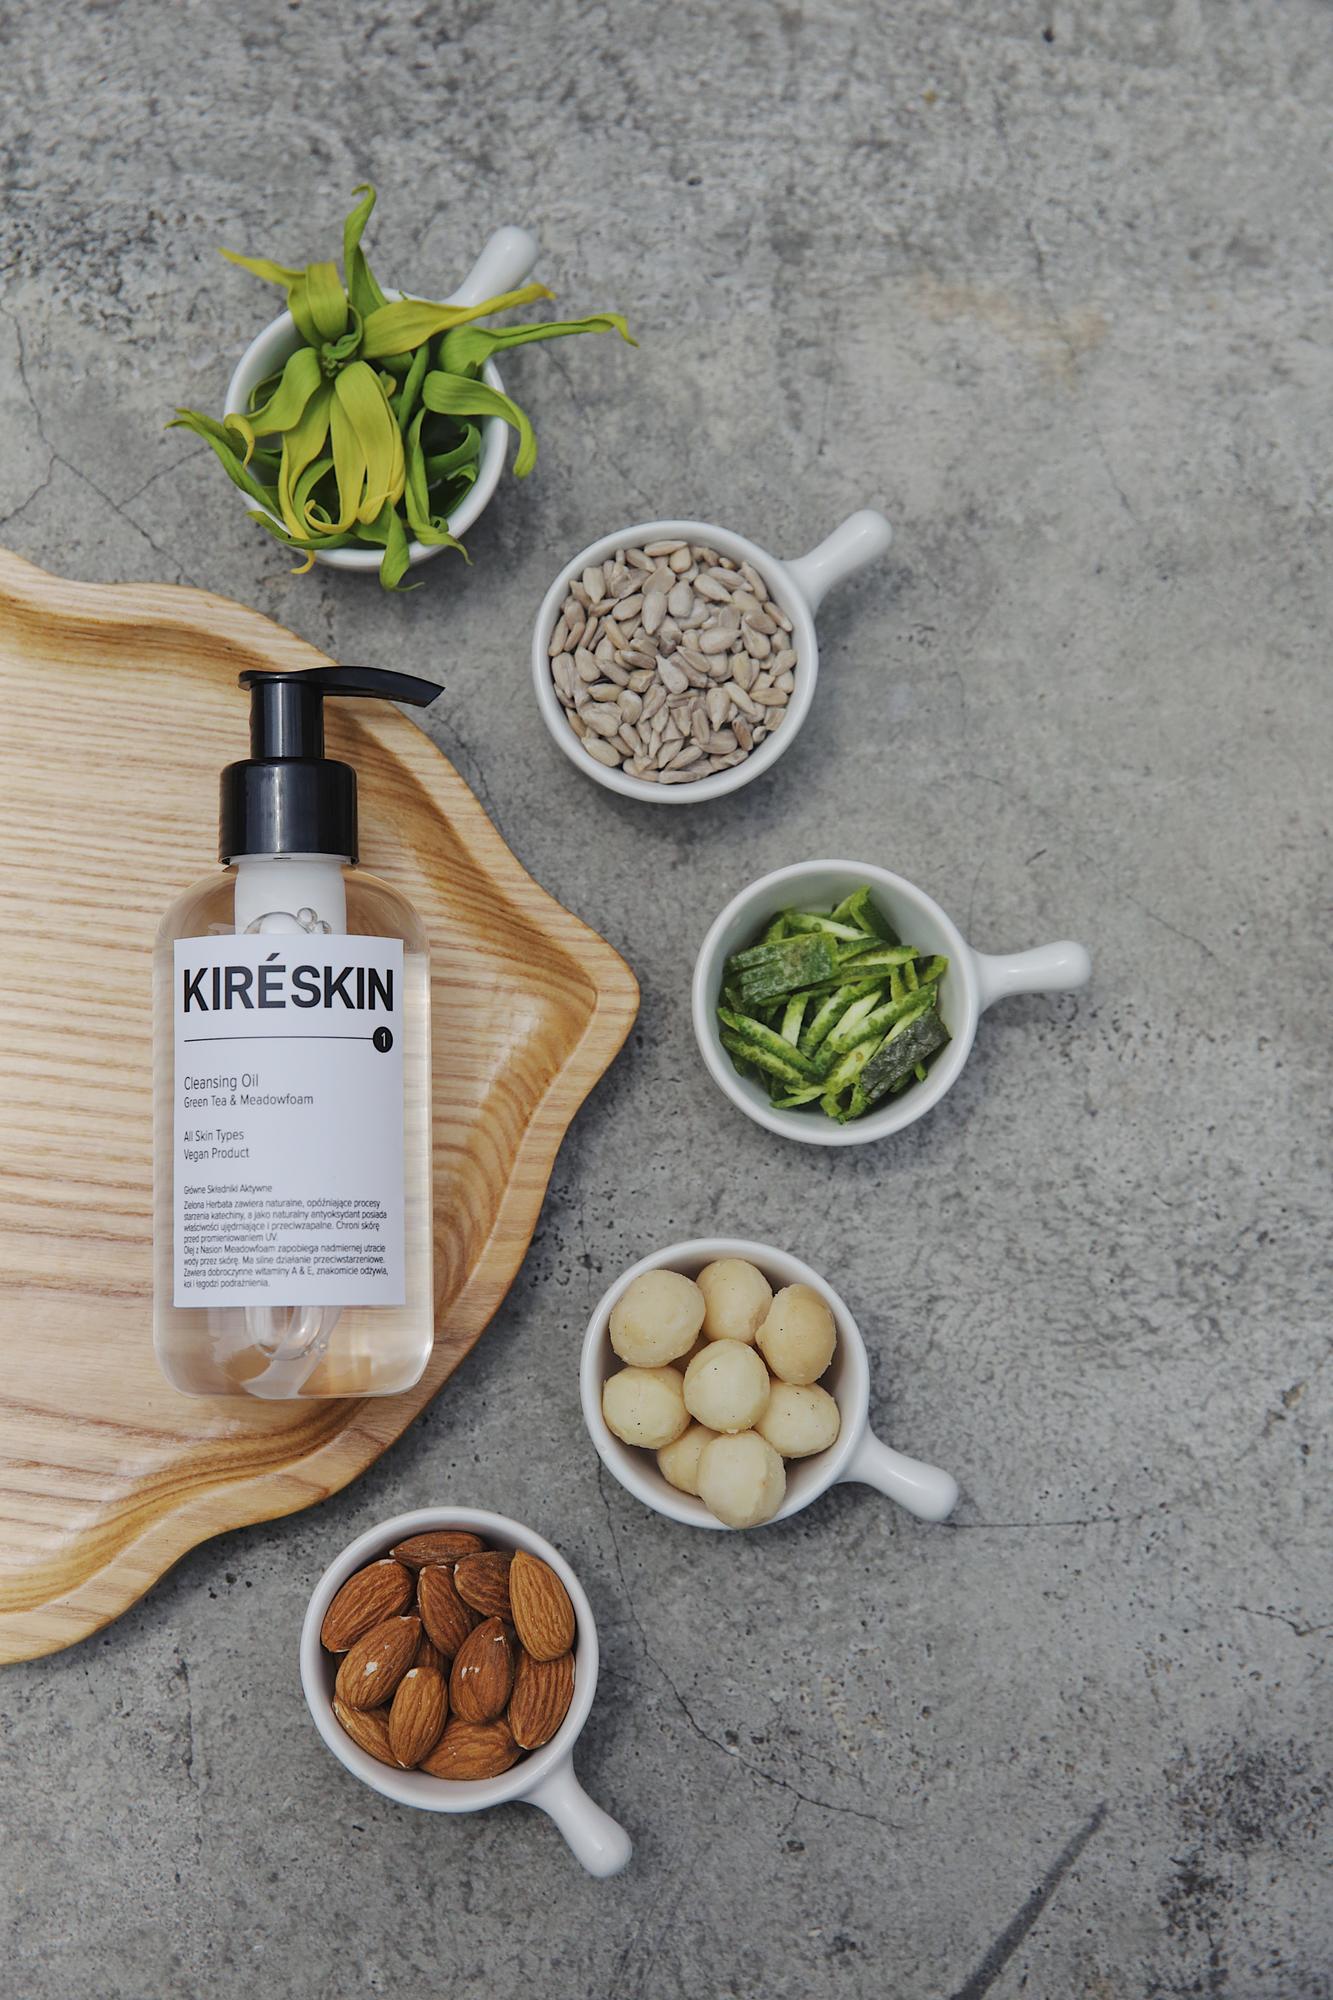 Cleansing Oil Green Tea & Meadowfoam Green Tea & Meadowfoam Cleansing Oil przeznaczony jest do usuwania nadmiaru sebum, zanieczyszczeń ze skóry twarzy (takich jak np. smog) oraz makijażu. Jednocześnie pielęgnując skórę, poprawia jej kondycję i zapobiega wysuszeniu. Stworzony do codziennego oczyszczania każdego rodzaju skóry, nawet tej wyjątkowo wrażliwej i krnąbrnej. All Skin Types Vegan Product Produkt testowany dermatologicznie. Testom na zwierzętach mówimy zdecydowane NIE! Nie używamy składników pochodzenia zwierzęcego. Olej palmowy i jego pochodne pochodzą z certyfikowanych źródeł (RSPO) Nominalna zawartość: 200 ml / 6,8 FL.OZ Sposób użycia: Nałóż małą porcję olejku na dłonie, następnie zamknij oczy i delikatnie rozprowadź kosmetyk po całej skórze twarzy, wmasowując go okrężnymi ruchami. Opłucz twarz kilka razy ciepłą wodą i łagodnie (z czułością!) wytrzyj ręcznikiem. Staraj się przykładać ręcznik do skóry zamiast wycierać, by bez szorowania zebrał wilgoć. Główne Składniki